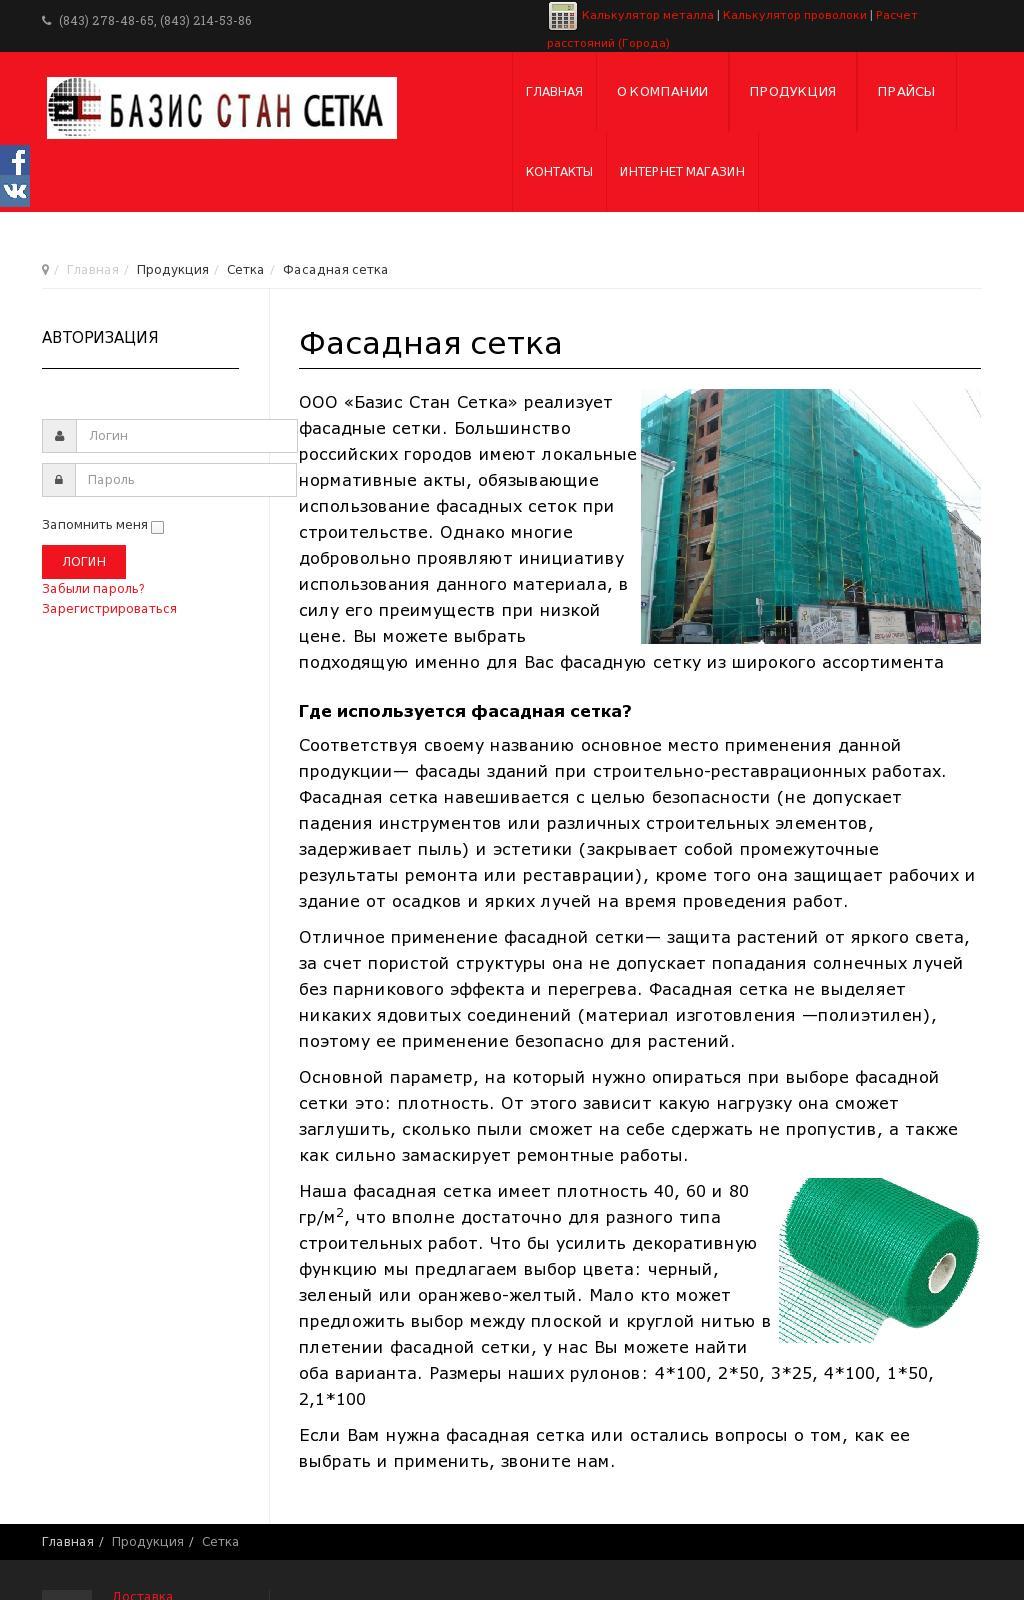 Фасадная сетка ООО «Базис Стан Сетка»